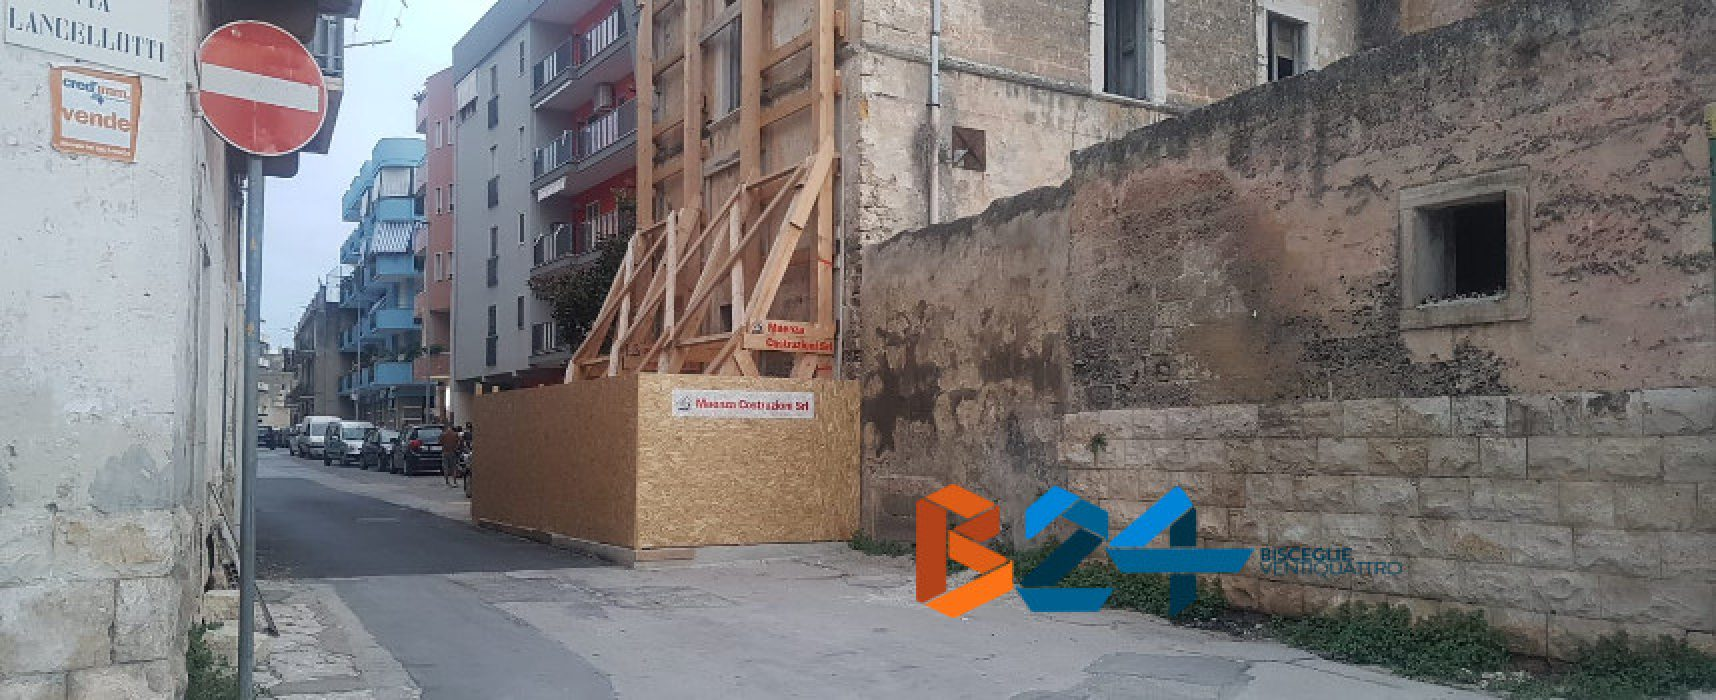 Riaperto il tratto di via Abate Bruni chiuso dopo il crollo di villa Lancellotti